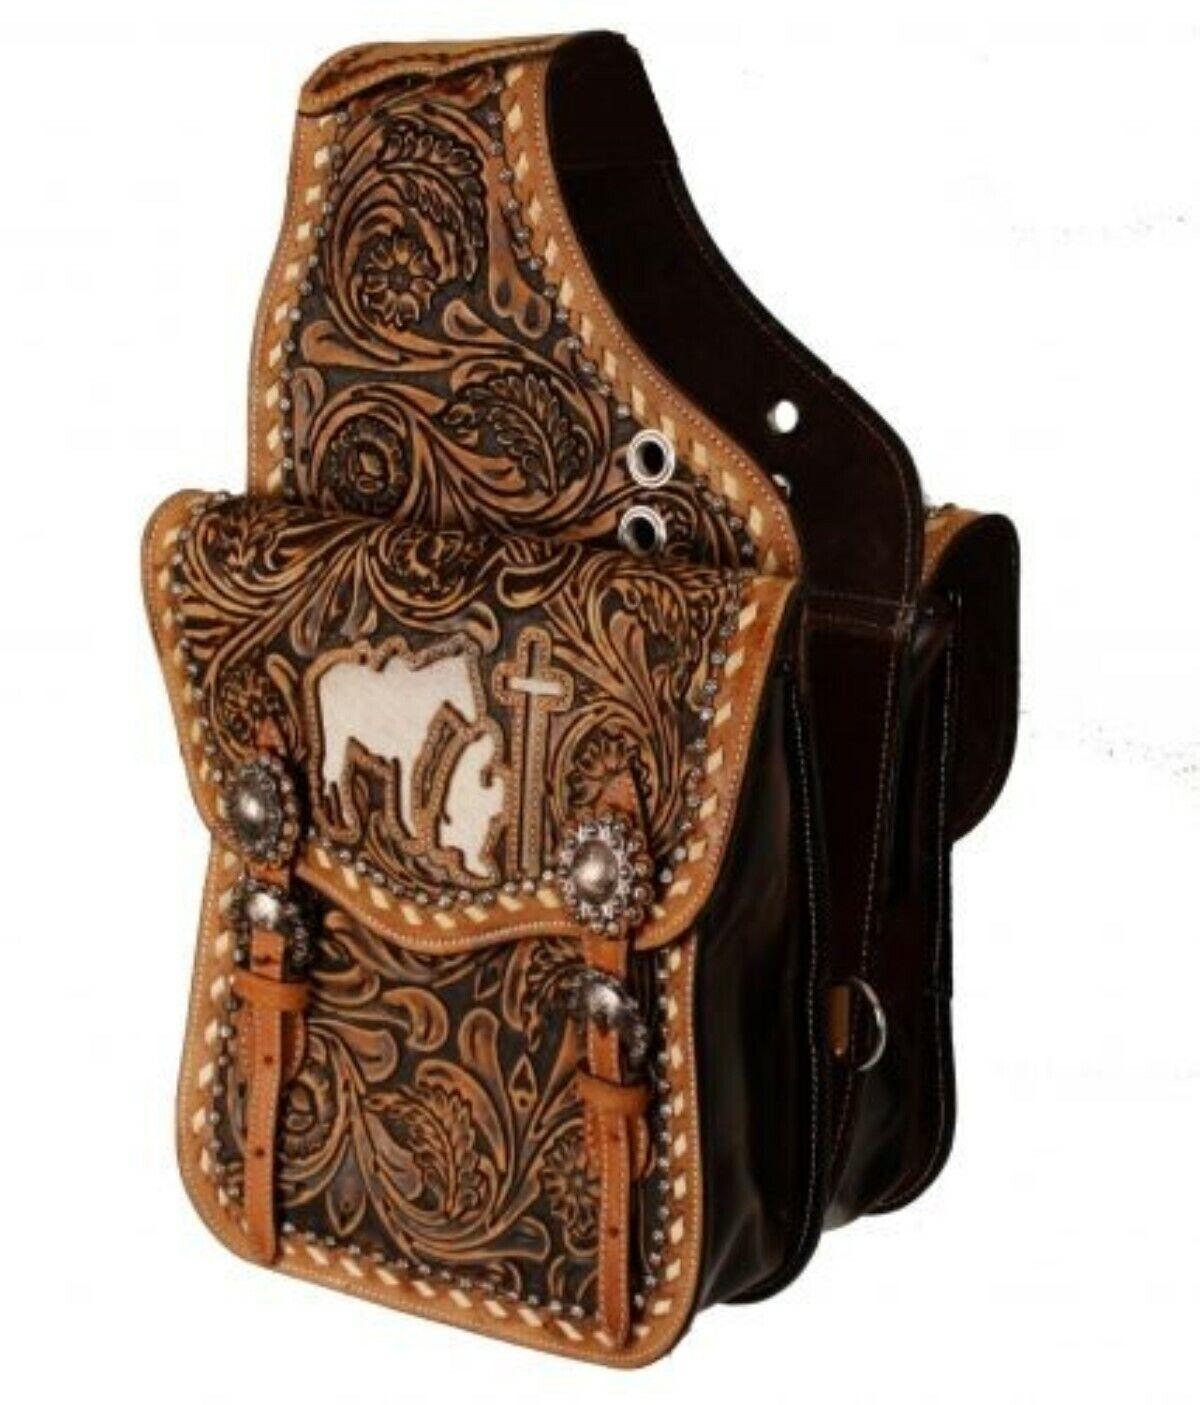 SHOWhomme Medium huile avec outils en Cuir Selle Sac avec cheveux sur vachette Prier Cowboy